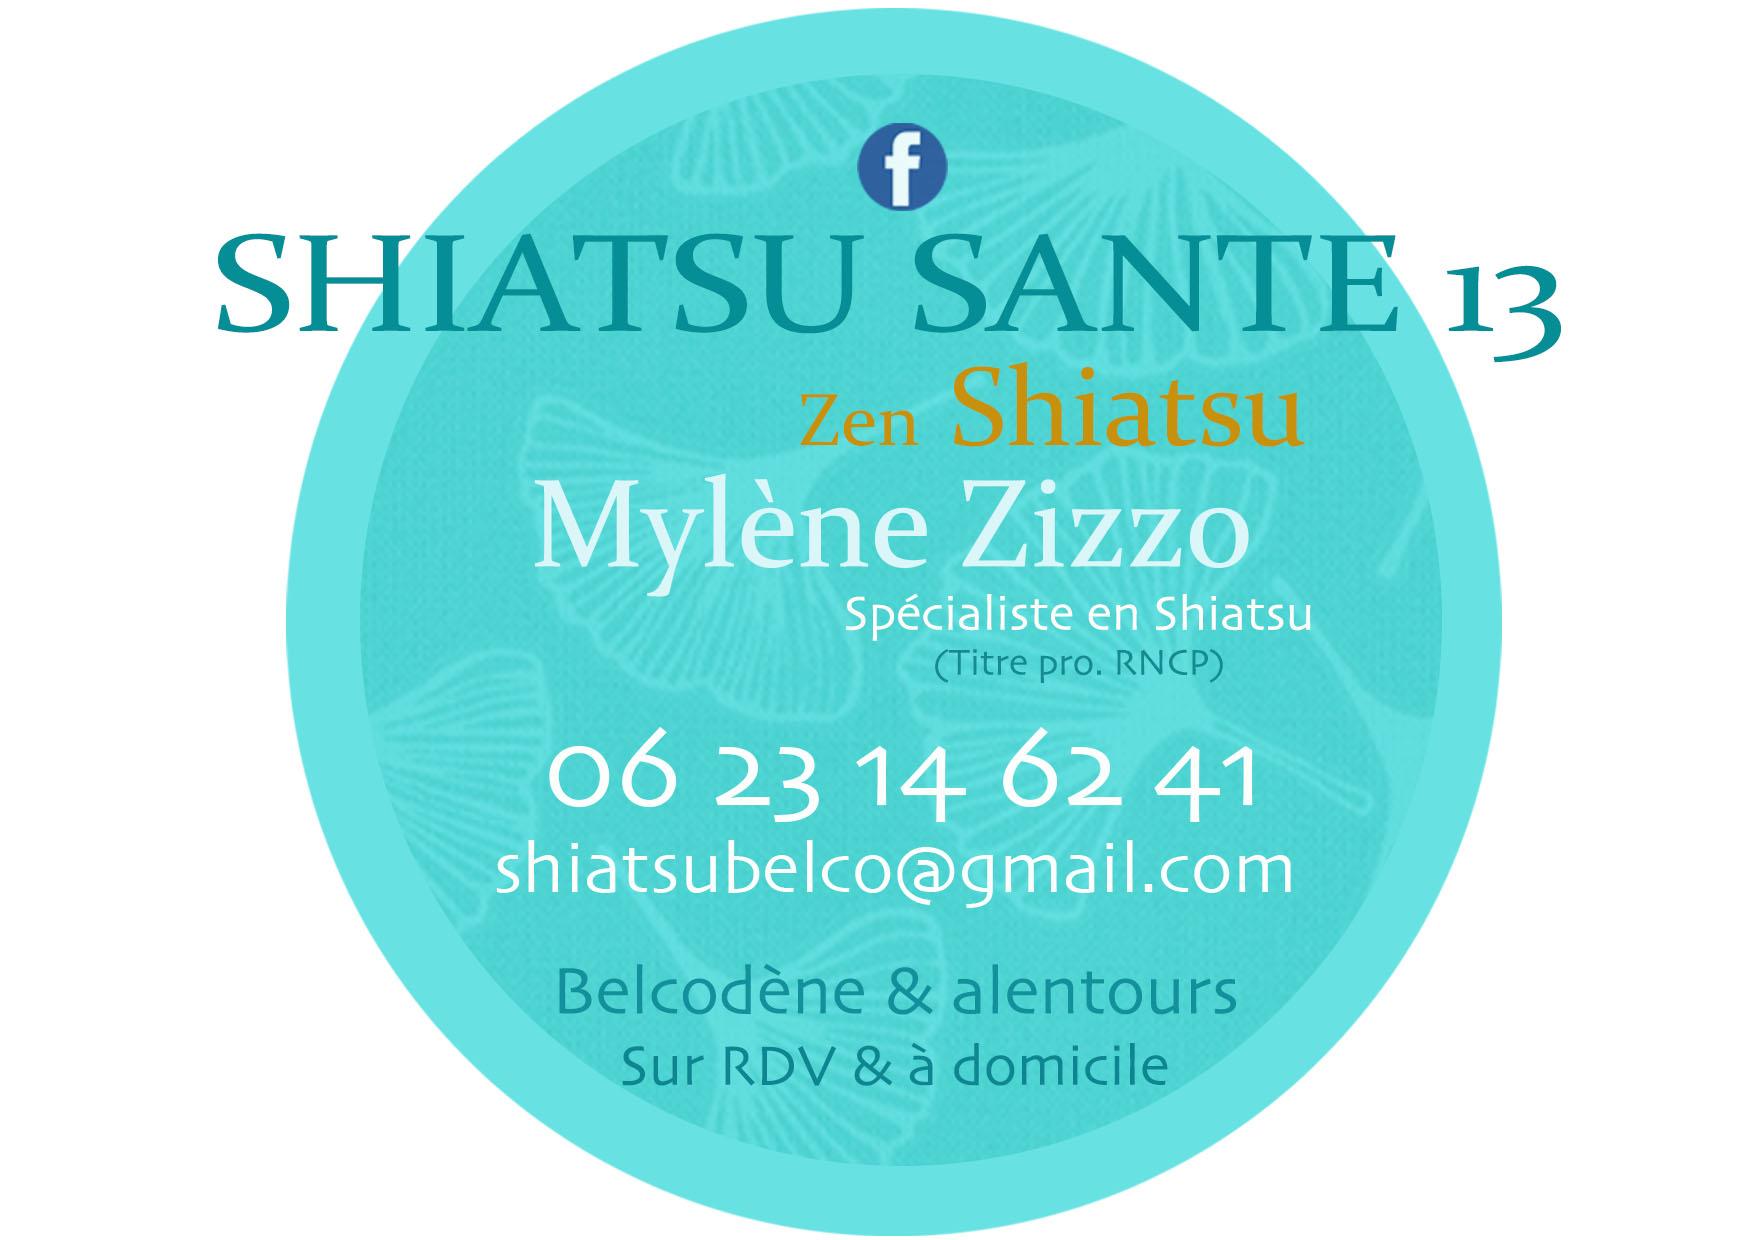 Shiatsu Santé 13 : infos, localisation, contacts... pour ce centre de shiatsu